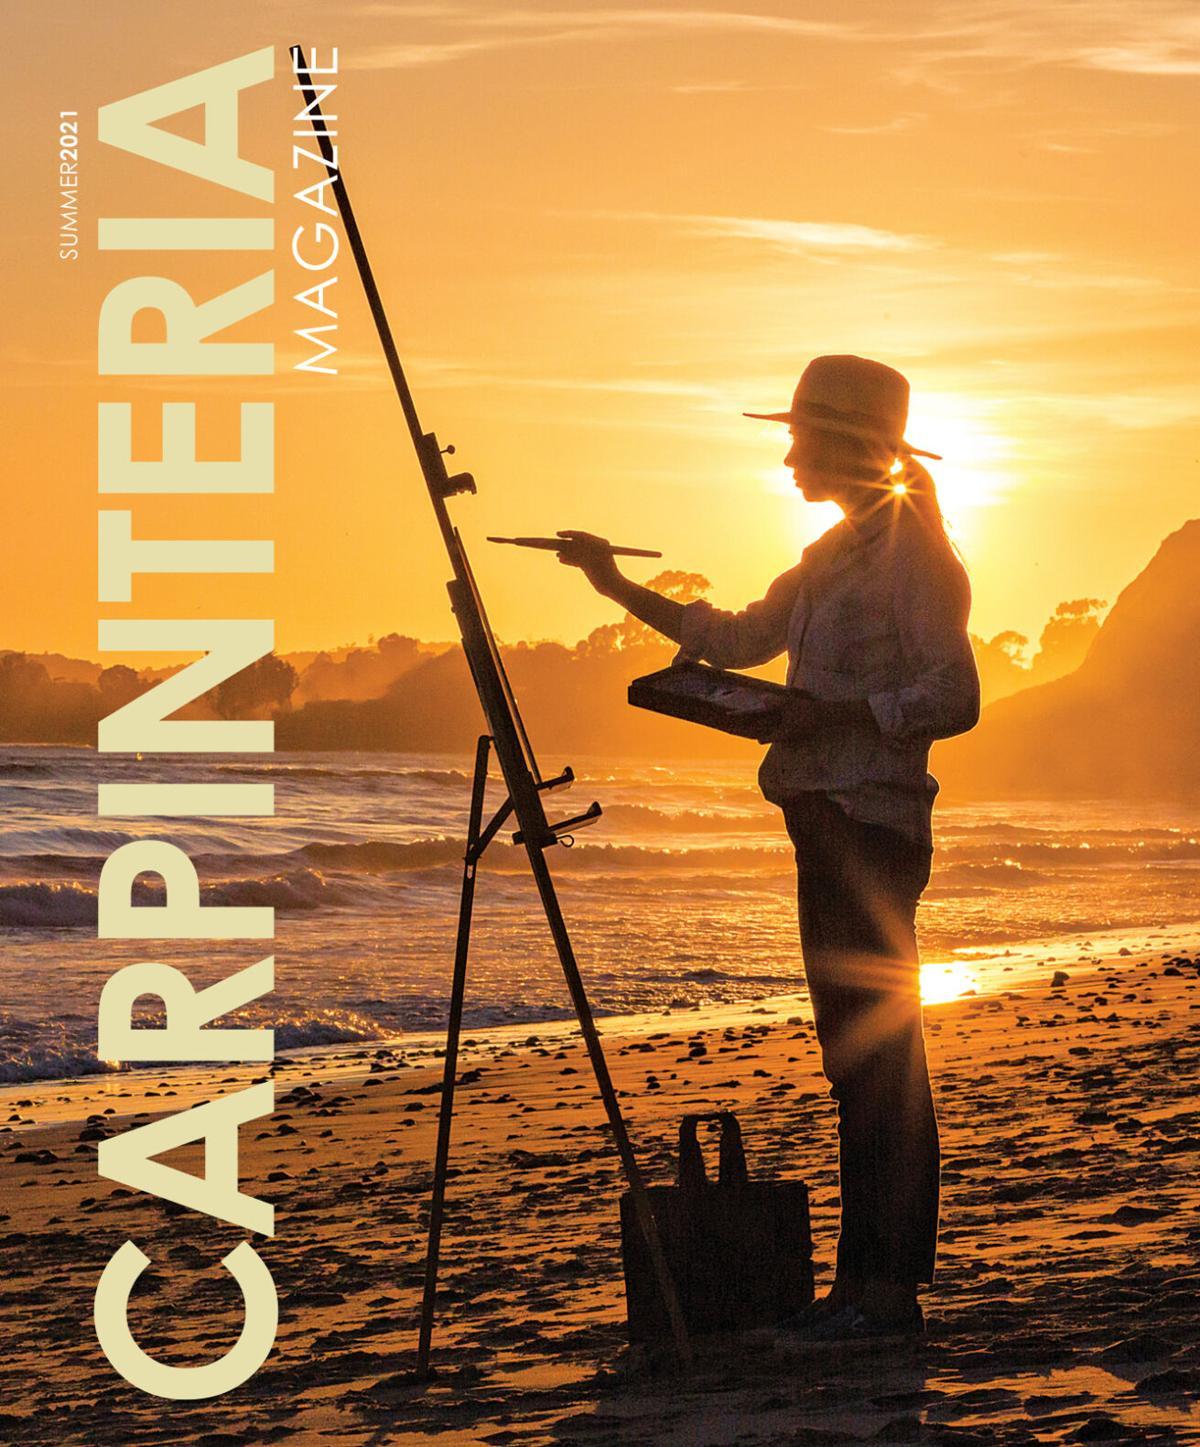 Carpinteria Magazine • Summer 2021